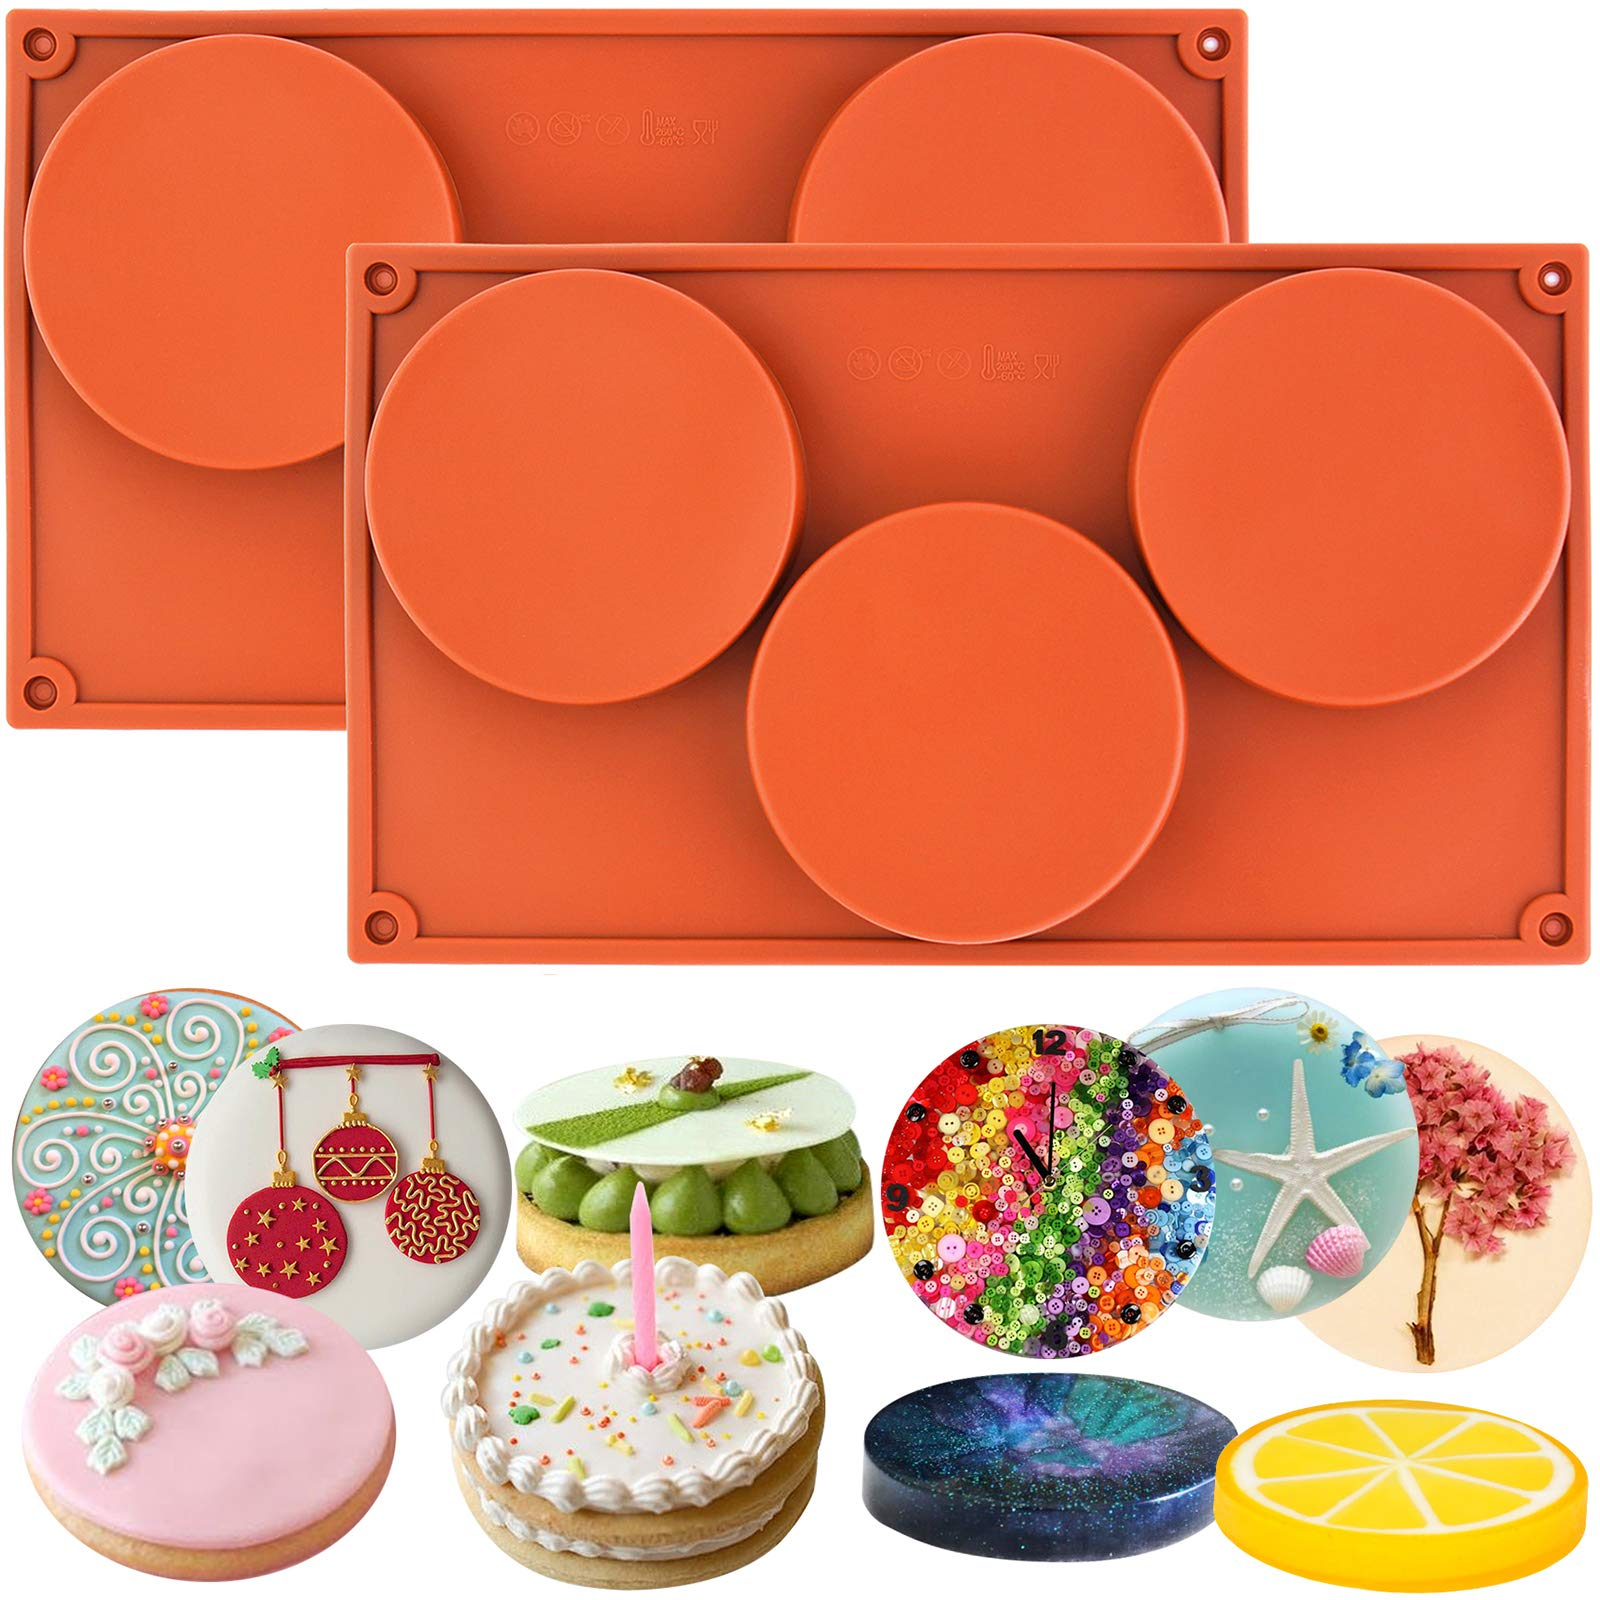 Funshowcase 3-Cavity Large Round Disc Candy Silicone Molds 2-Bundle by FUNSHOWCASE